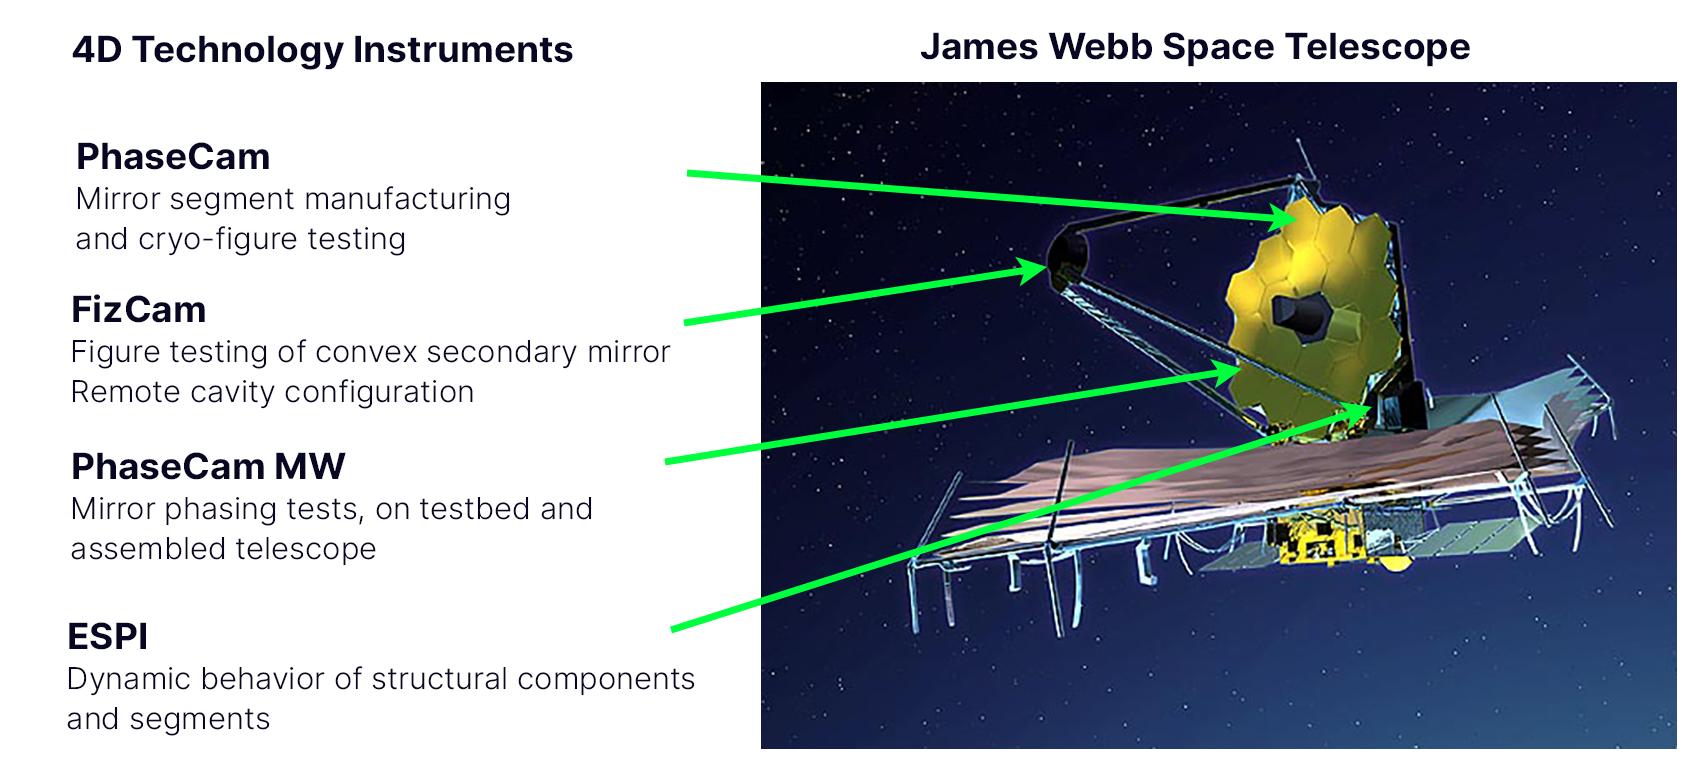 JWST - 4D Technology dynamic laser interferometers used in James Webb Space Telescope project